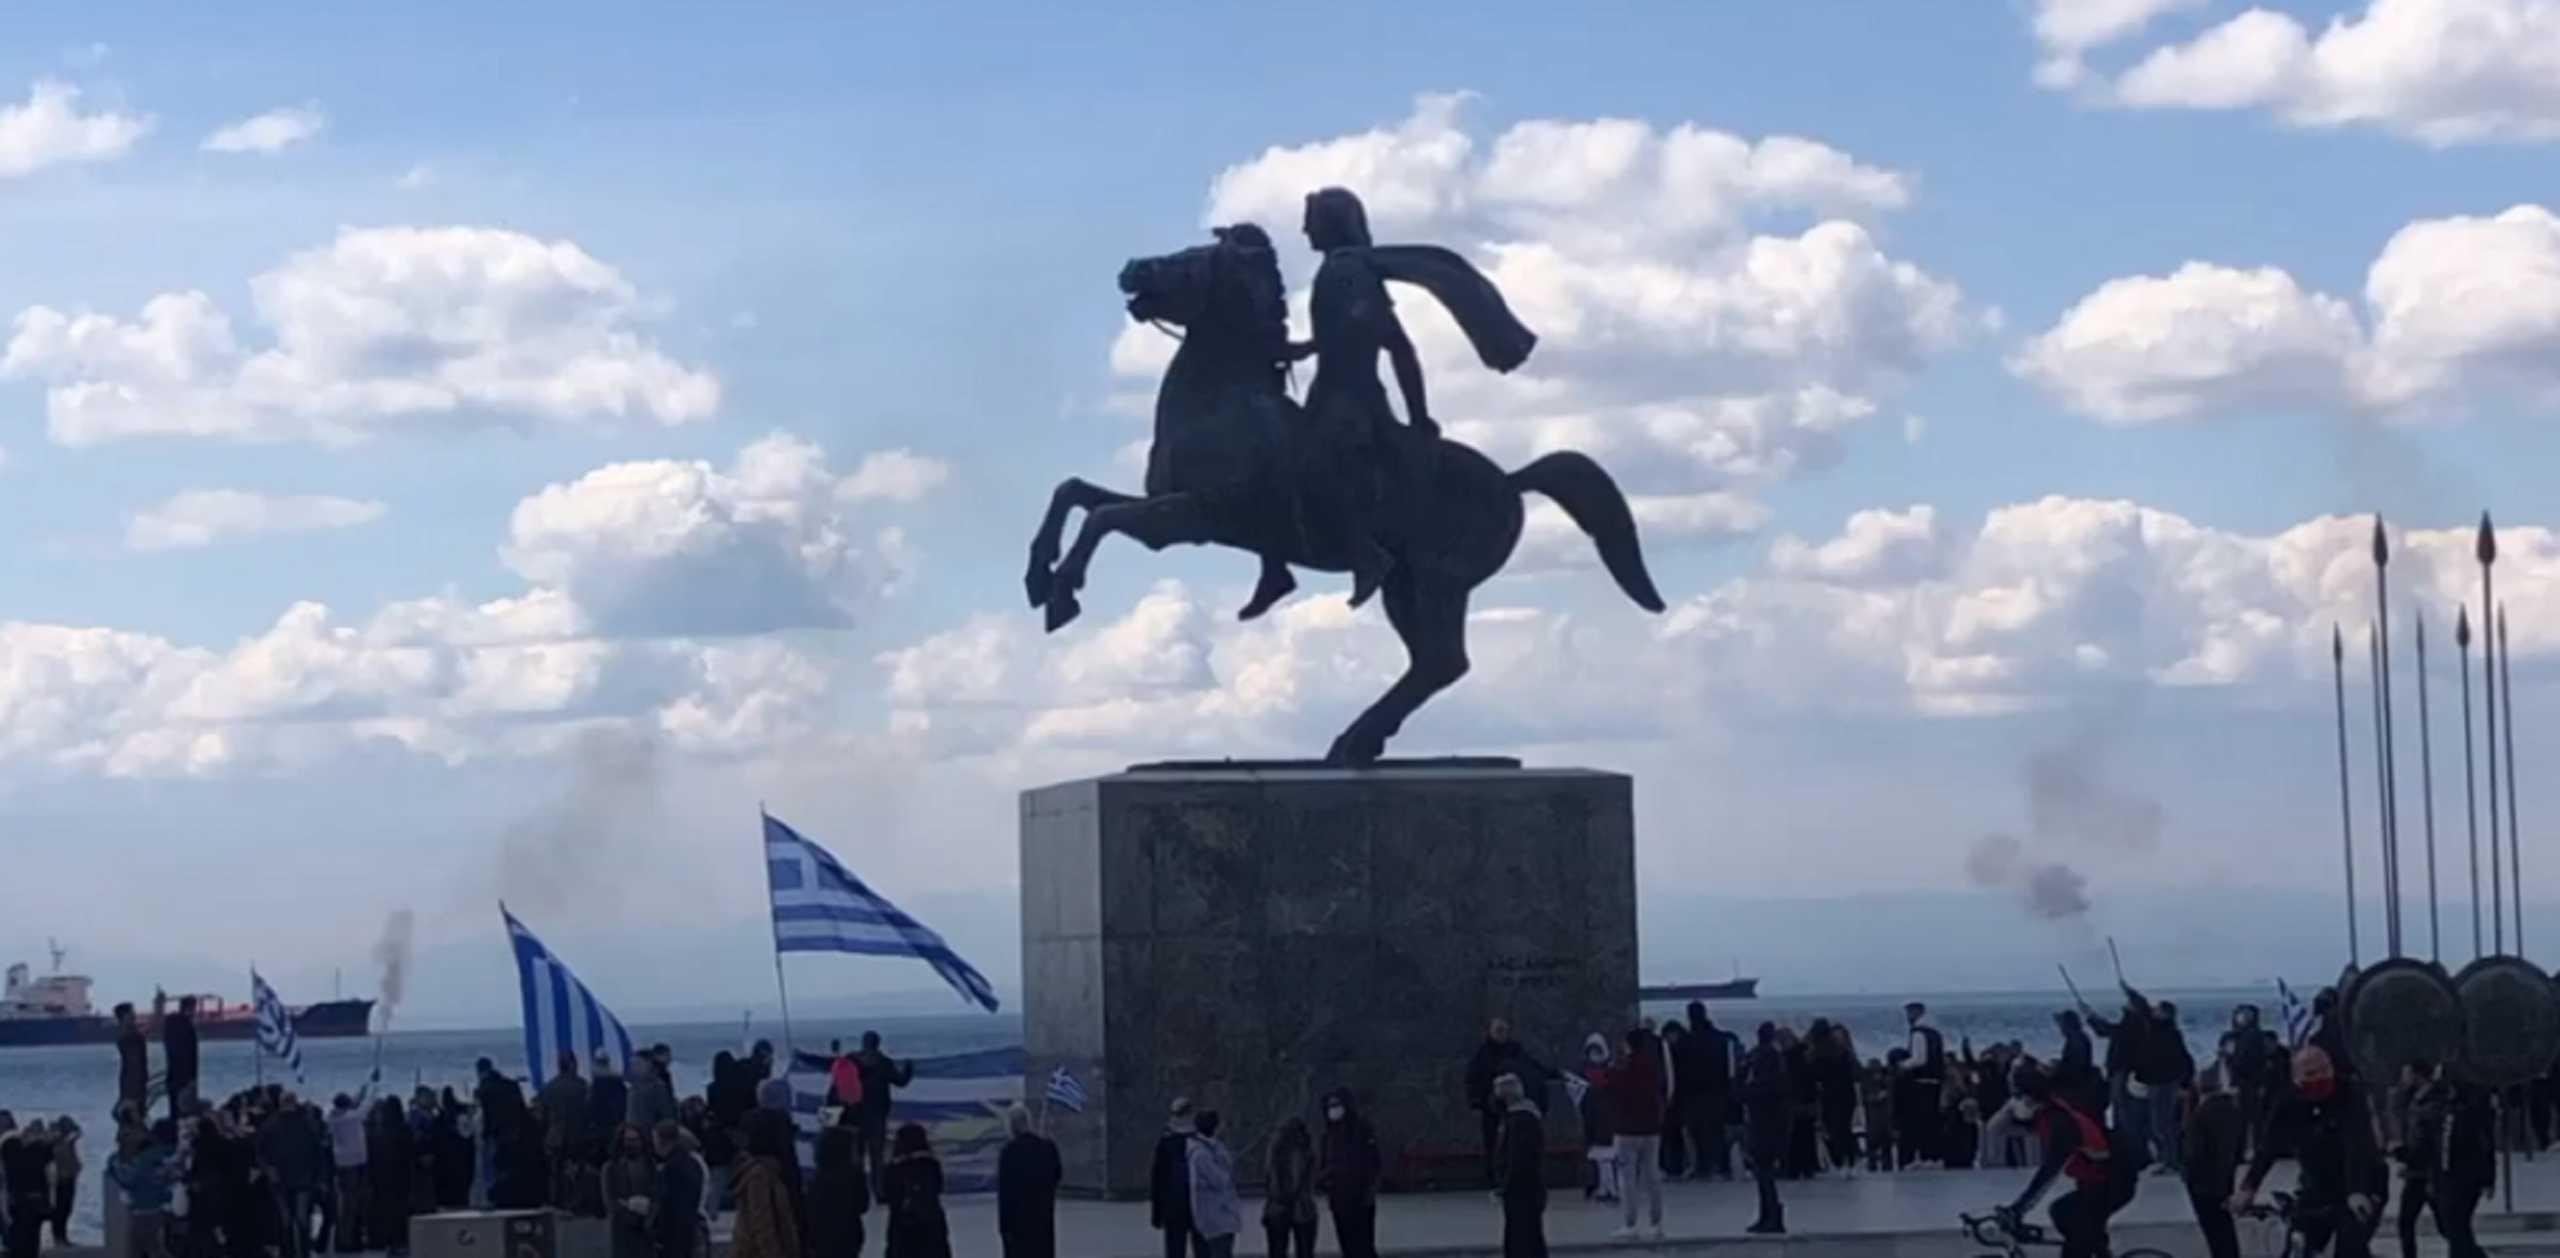 Θεσσαλονίκη – 25η Μαρτίου: Καπνογόνα, «τσολιάδες» και σημαίες στο άγαλμα του Μεγάλου Αλεξάνδρου (video)